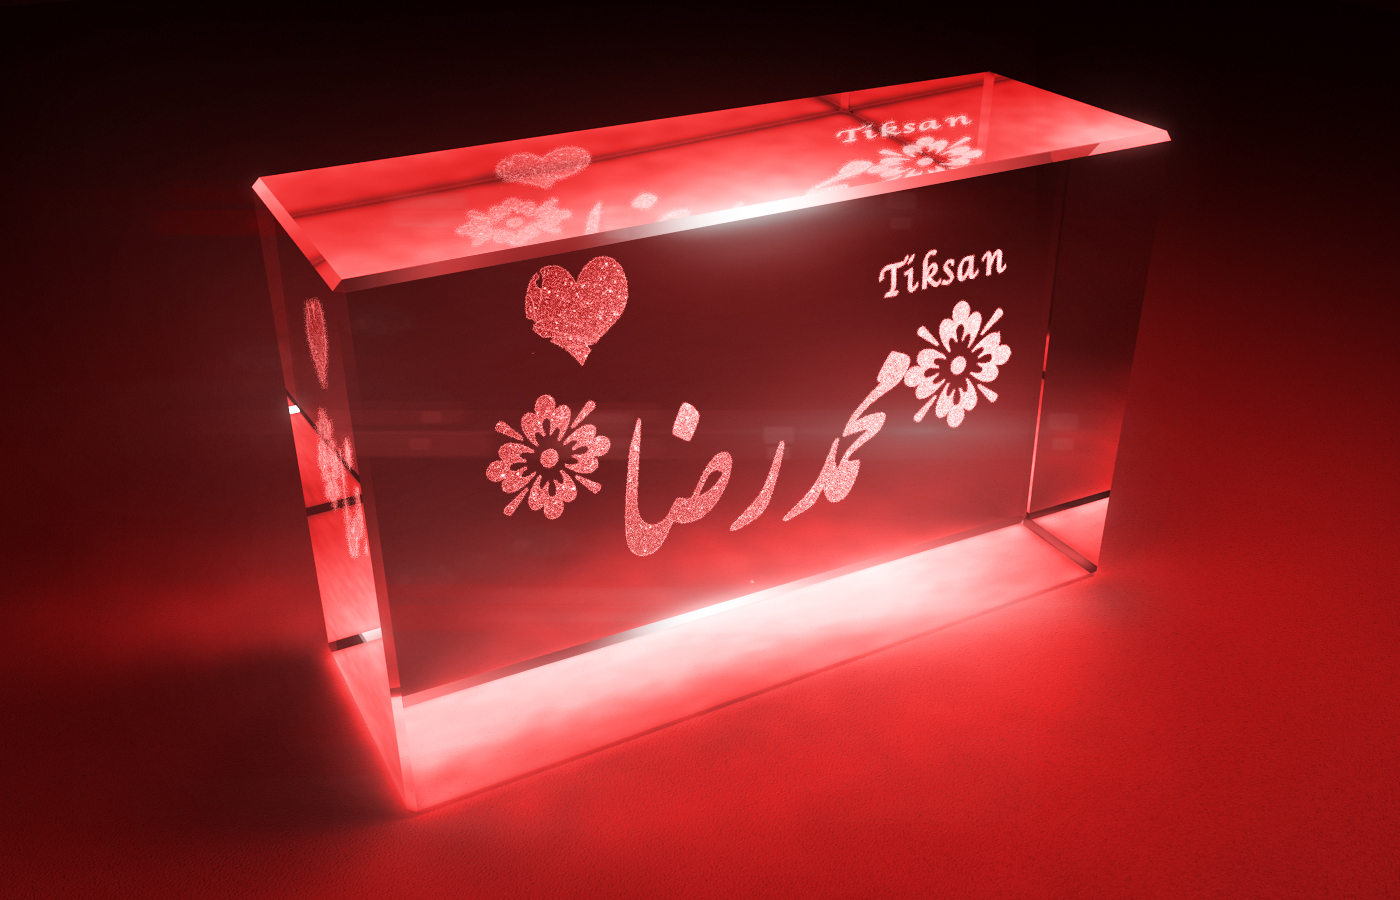 طرح شیشه ای اسم محمد رضا